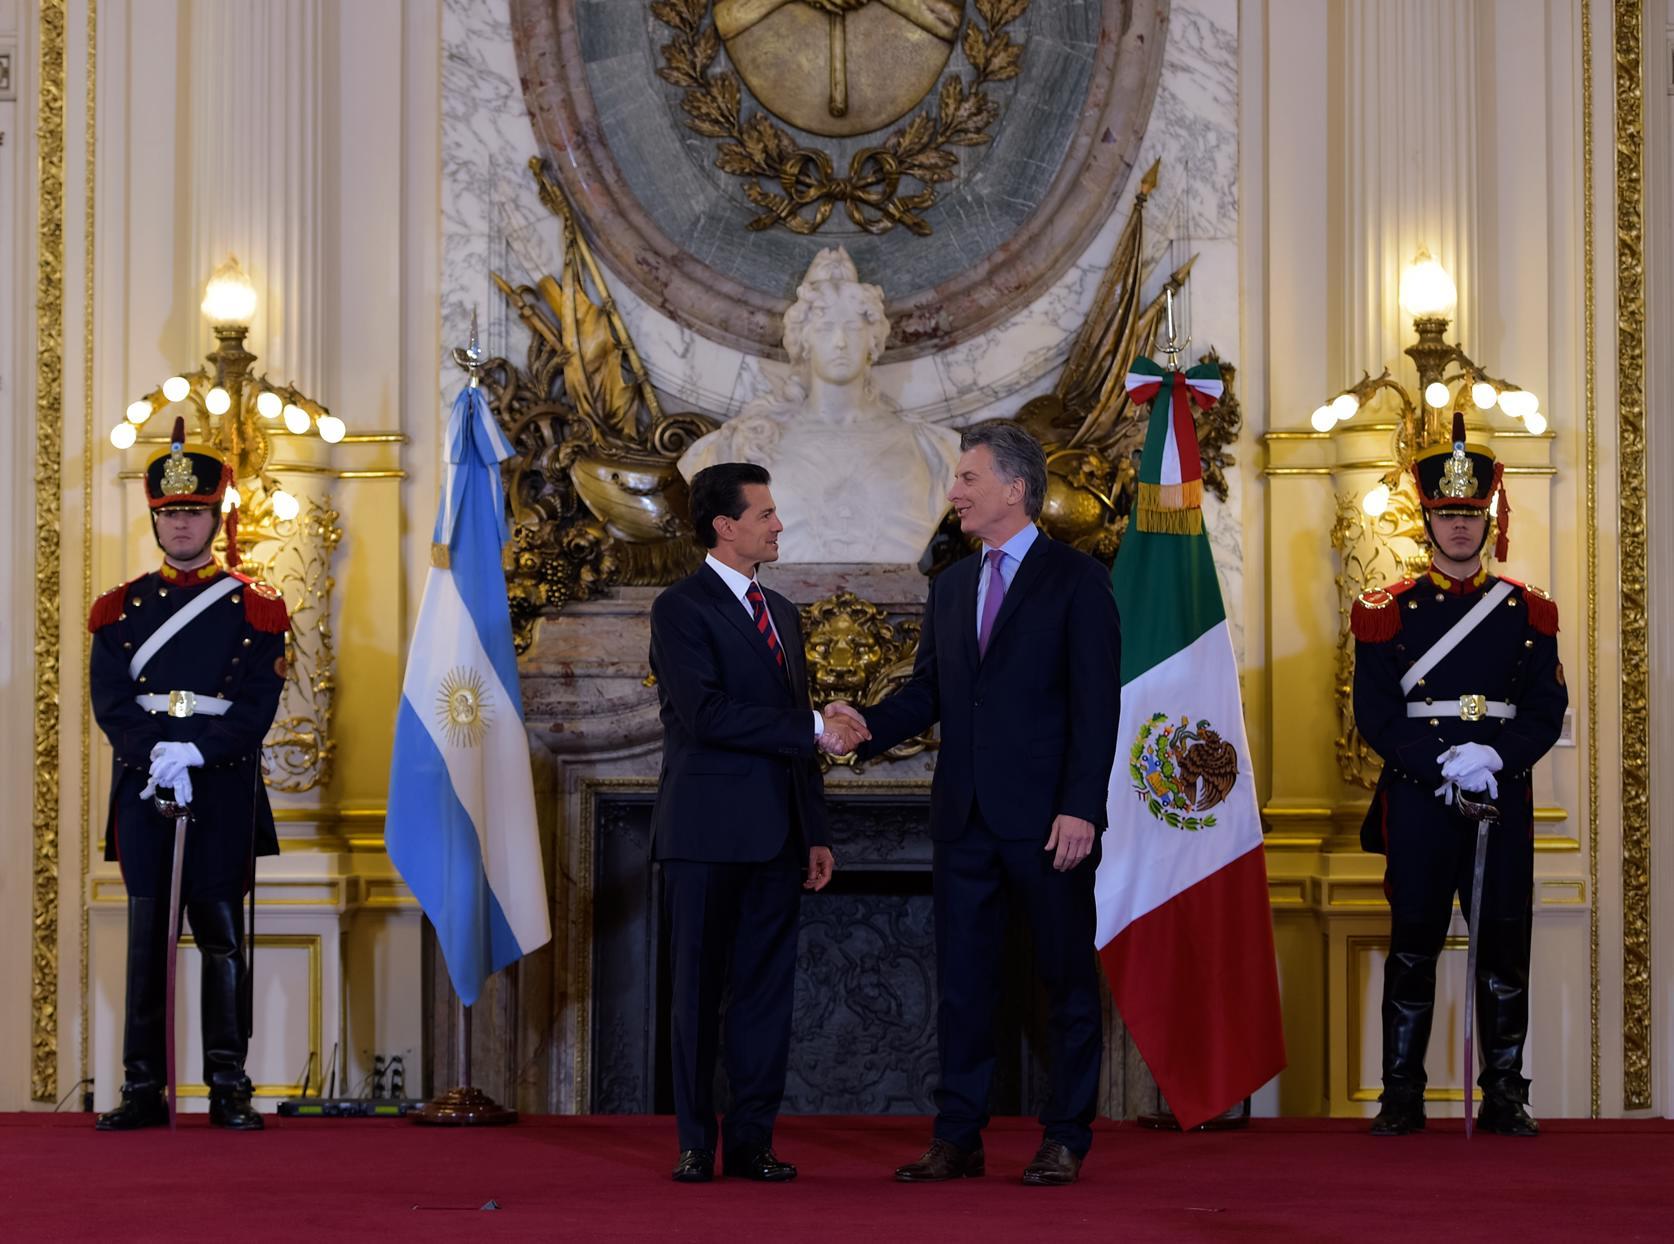 """""""Es mi deseo que continuemos fortaleciendo los lazos de hermandad y colaboración que unen a nuestros países, para promover la unidad y la fortaleza de América latina en todo el mundo""""."""